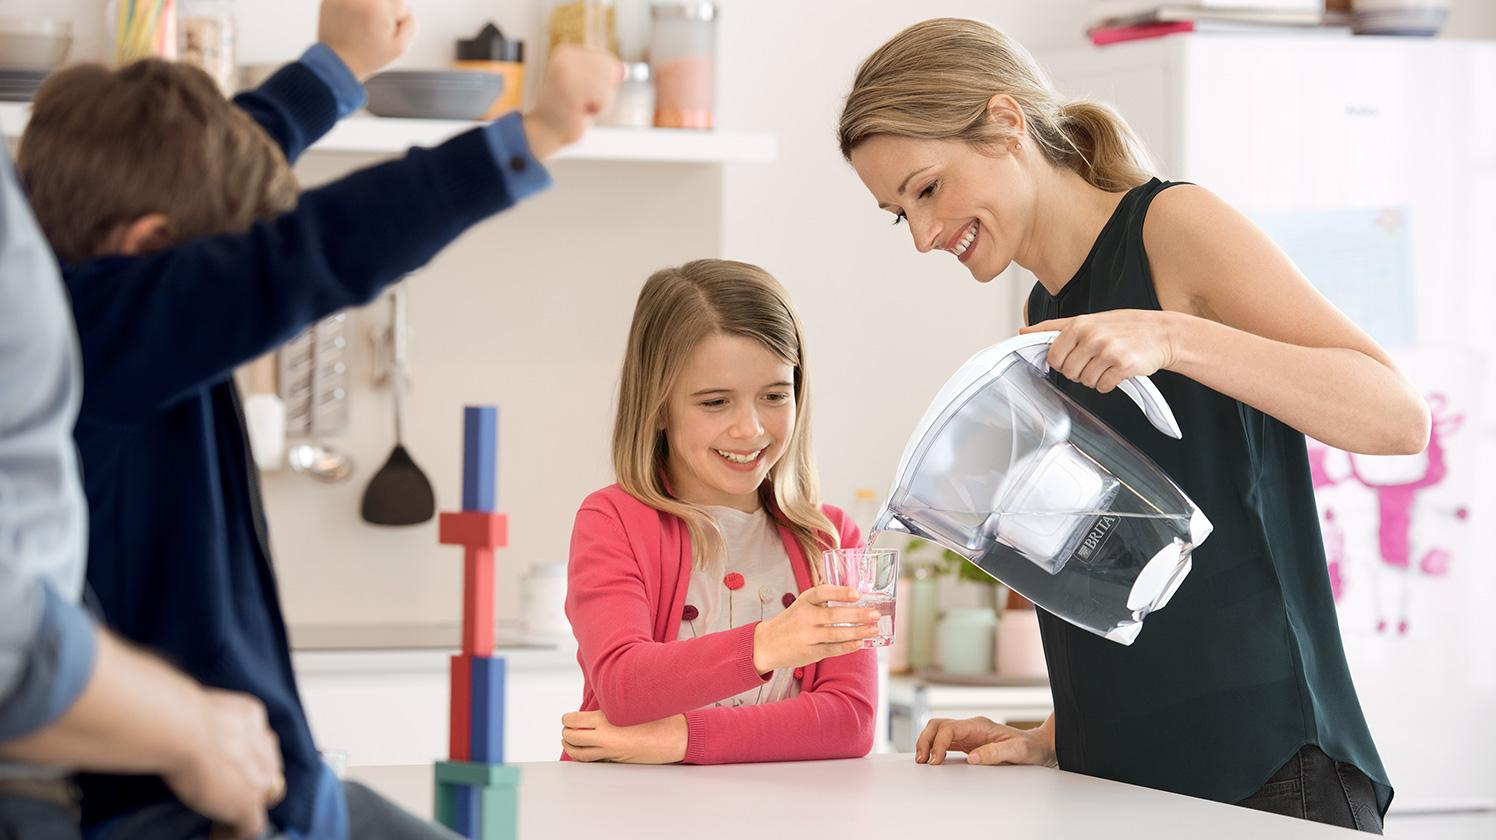 BRITA hidratación personal familia en la cocina